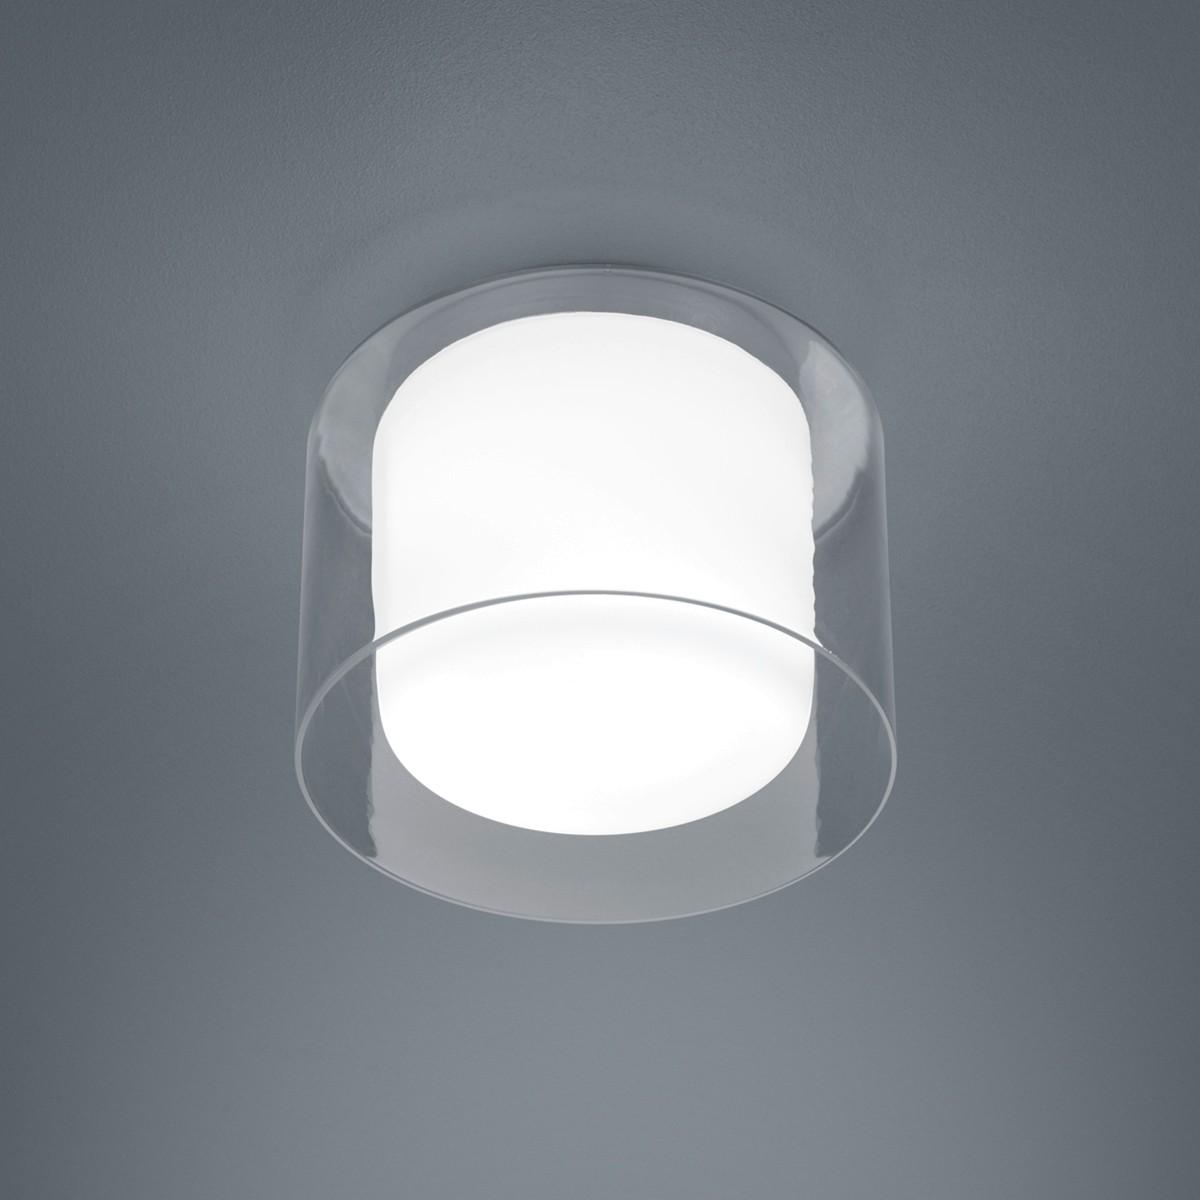 Helestra Olvi LED Deckenleuchte, Ø: 23 cm, Opal weiß / Außenglas klar